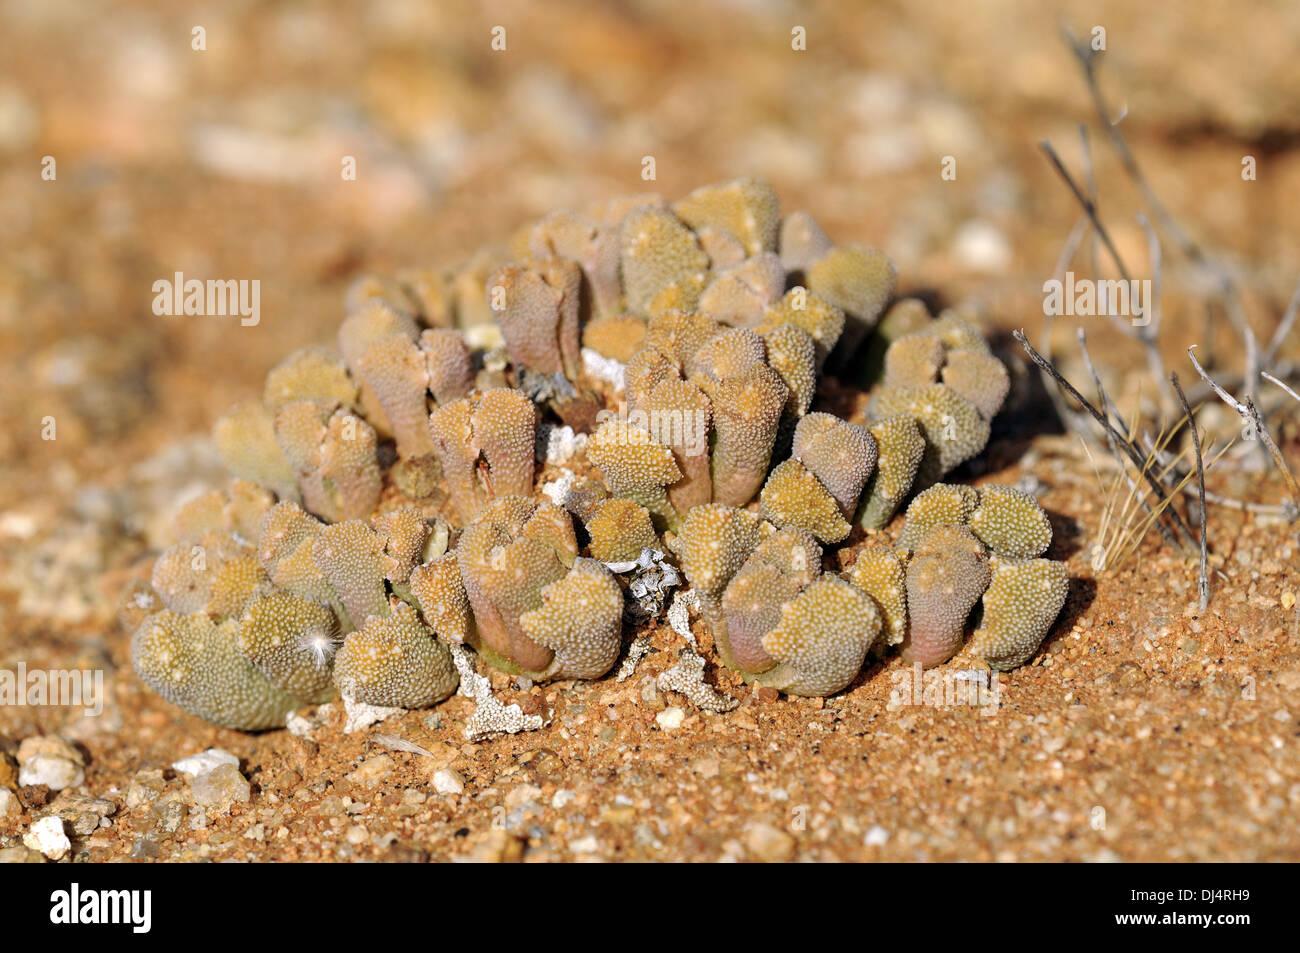 Titanopsis sp., Namakwaland, Südafrika - Stock Image